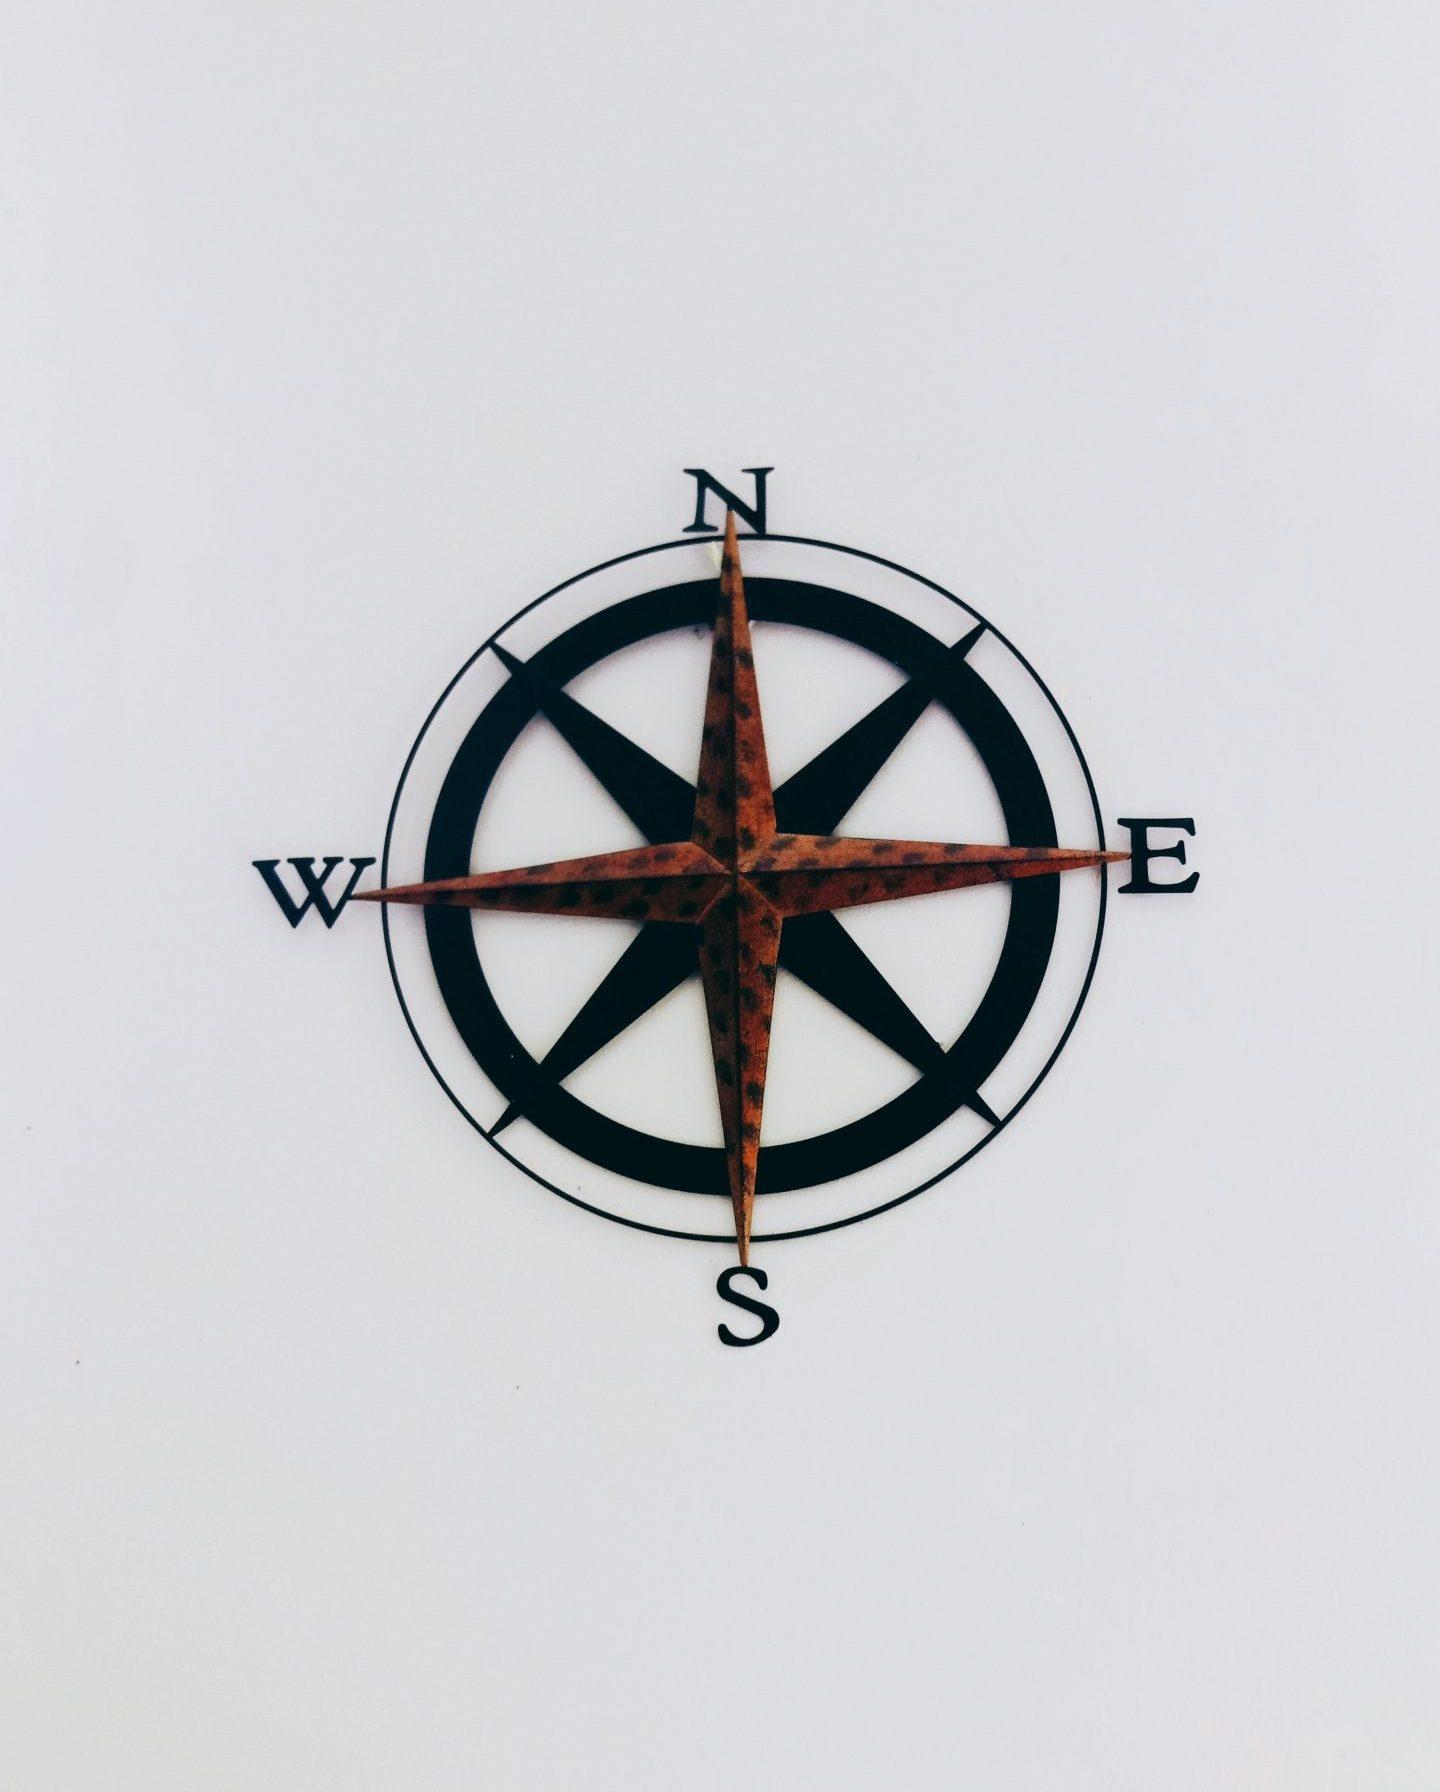 Zdjęcie przestawia kompas będący metaforą obrania właściwego kierunku drogi zawodowej